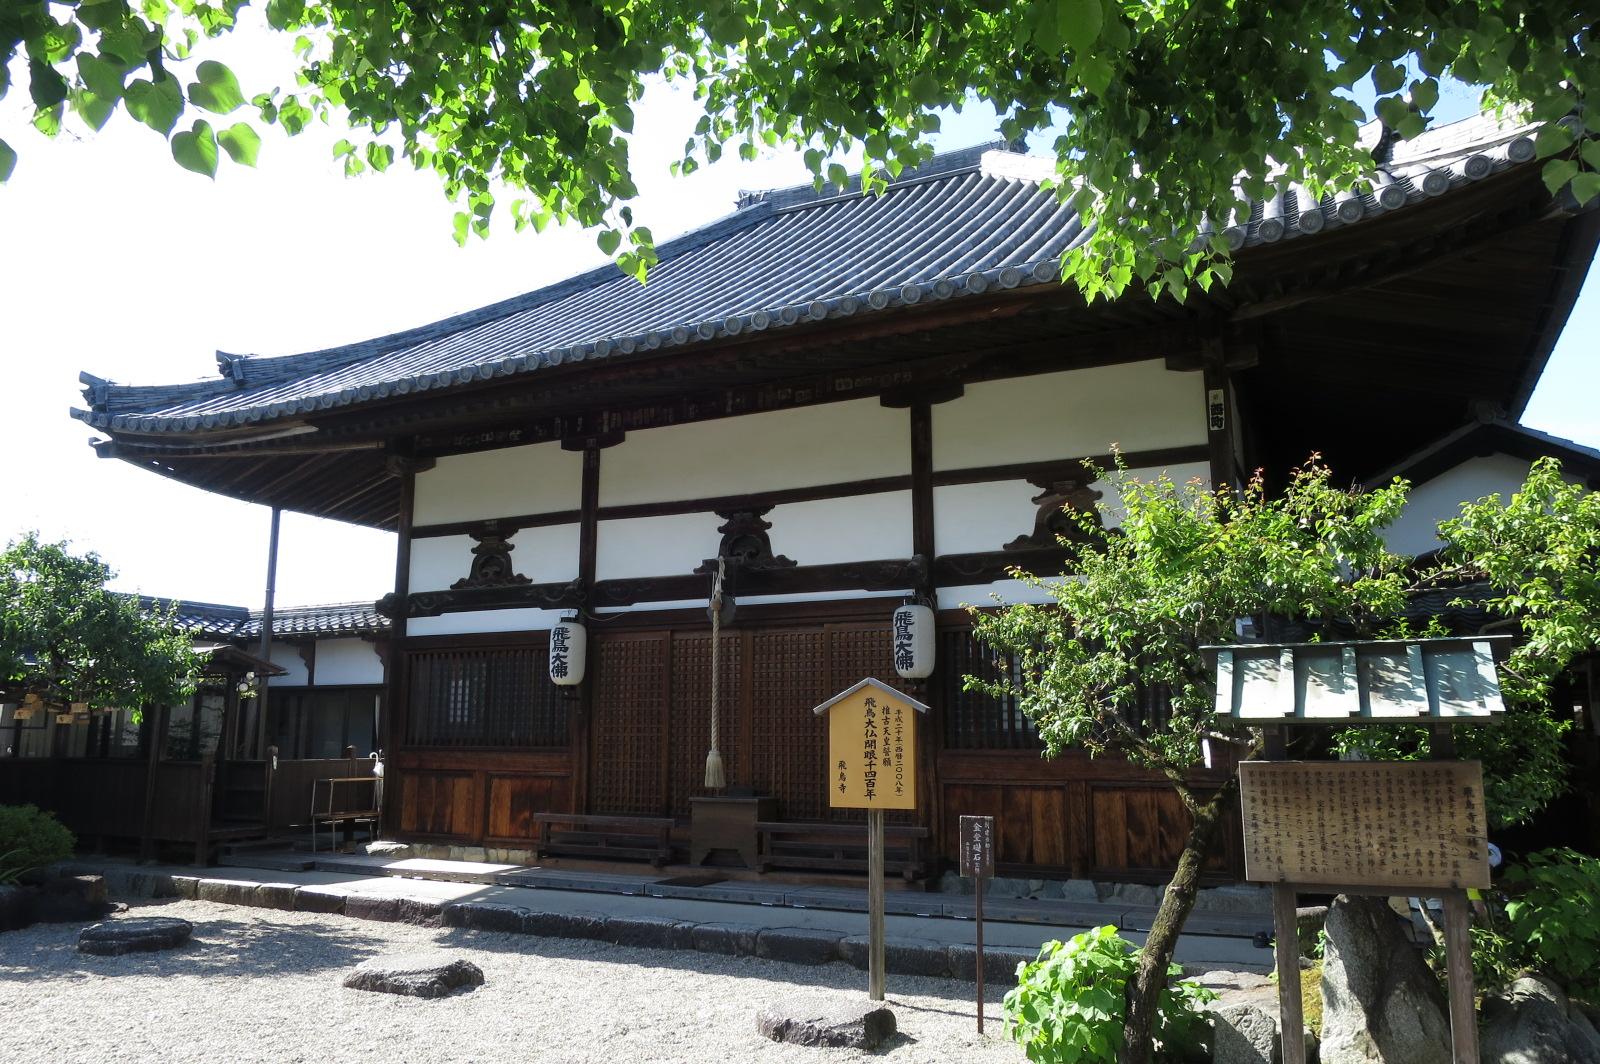 飛鳥寺本堂。本堂手前に見える3つの石は、創建当初の金堂礎石です。